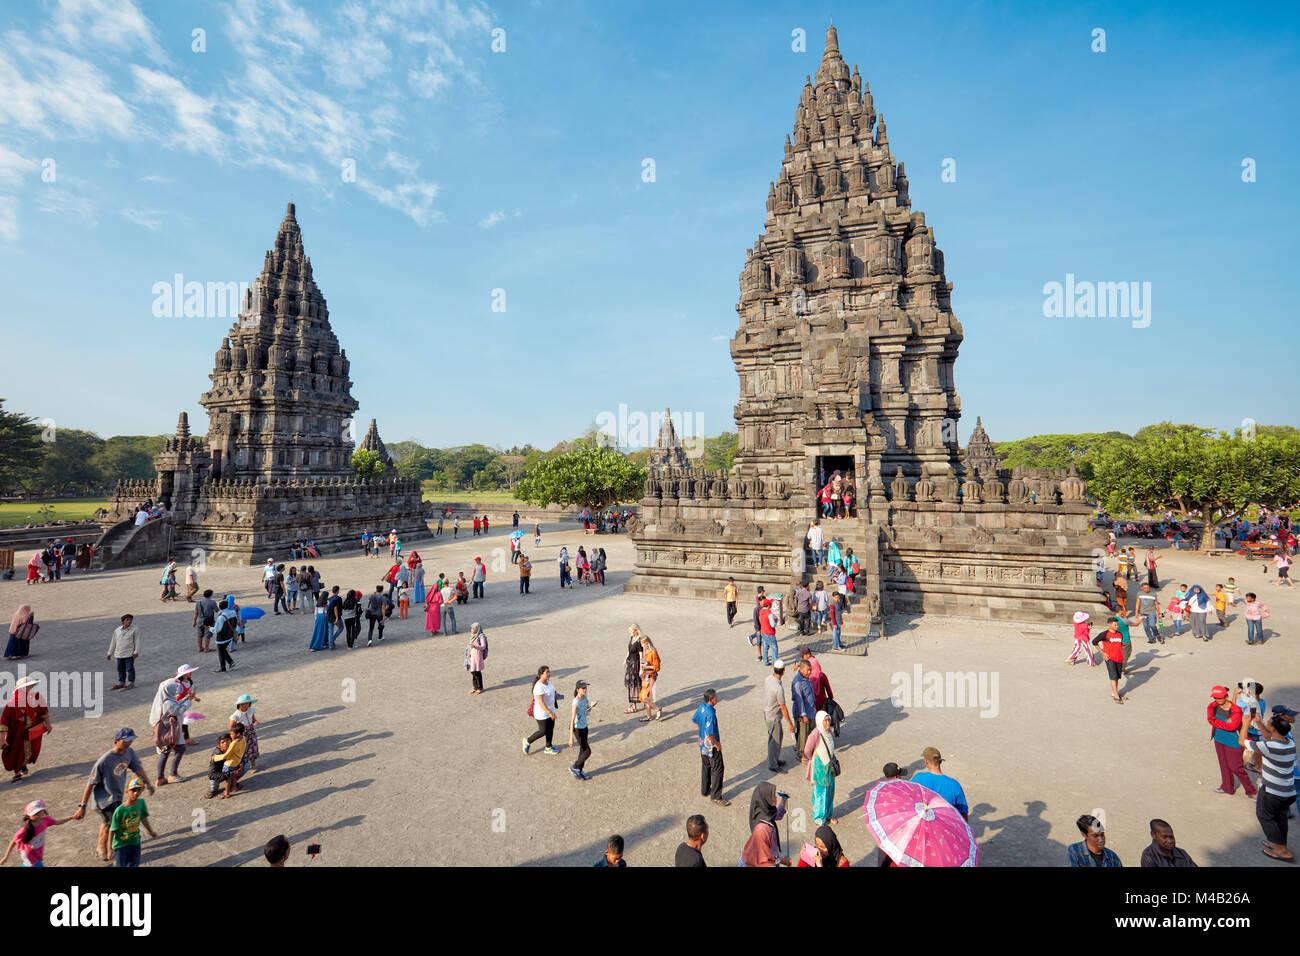 Visitatori presso il Prambanan tempio indù composto. La regione speciale di Yogyakarta, Java, Indonesia. Immagini Stock